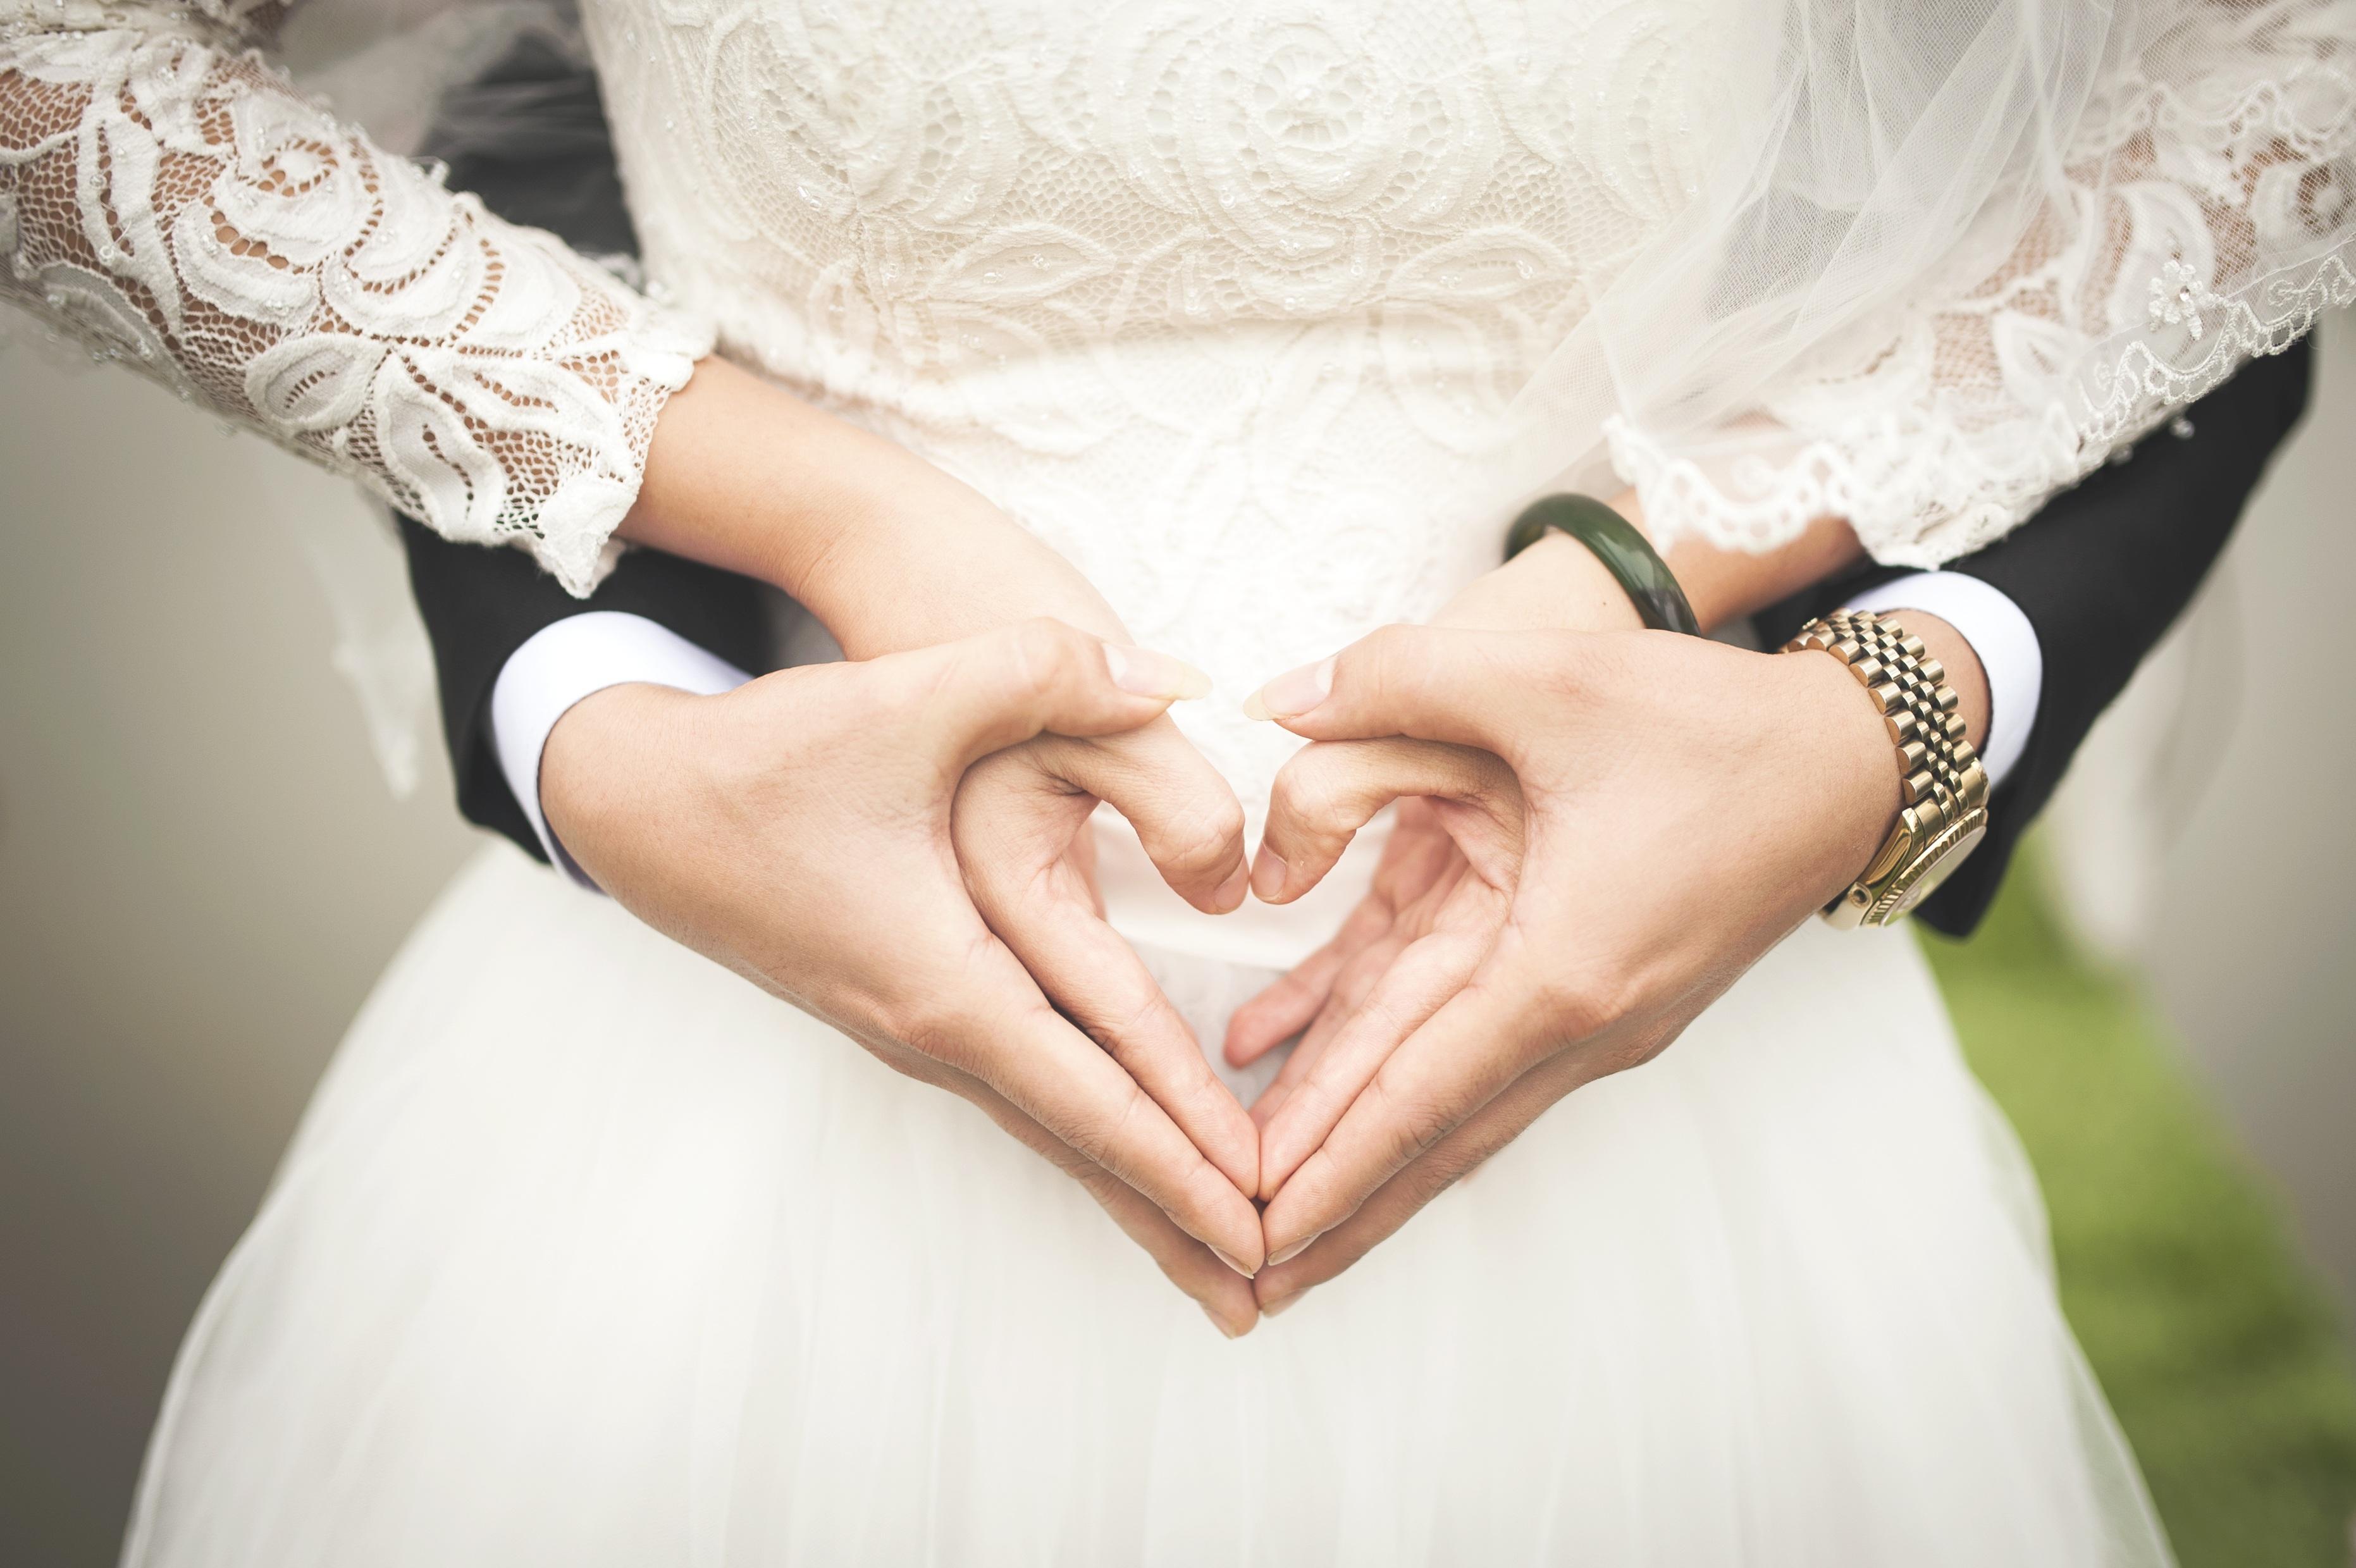 Ini Bukti kalau Menikah itu Membahagiakan